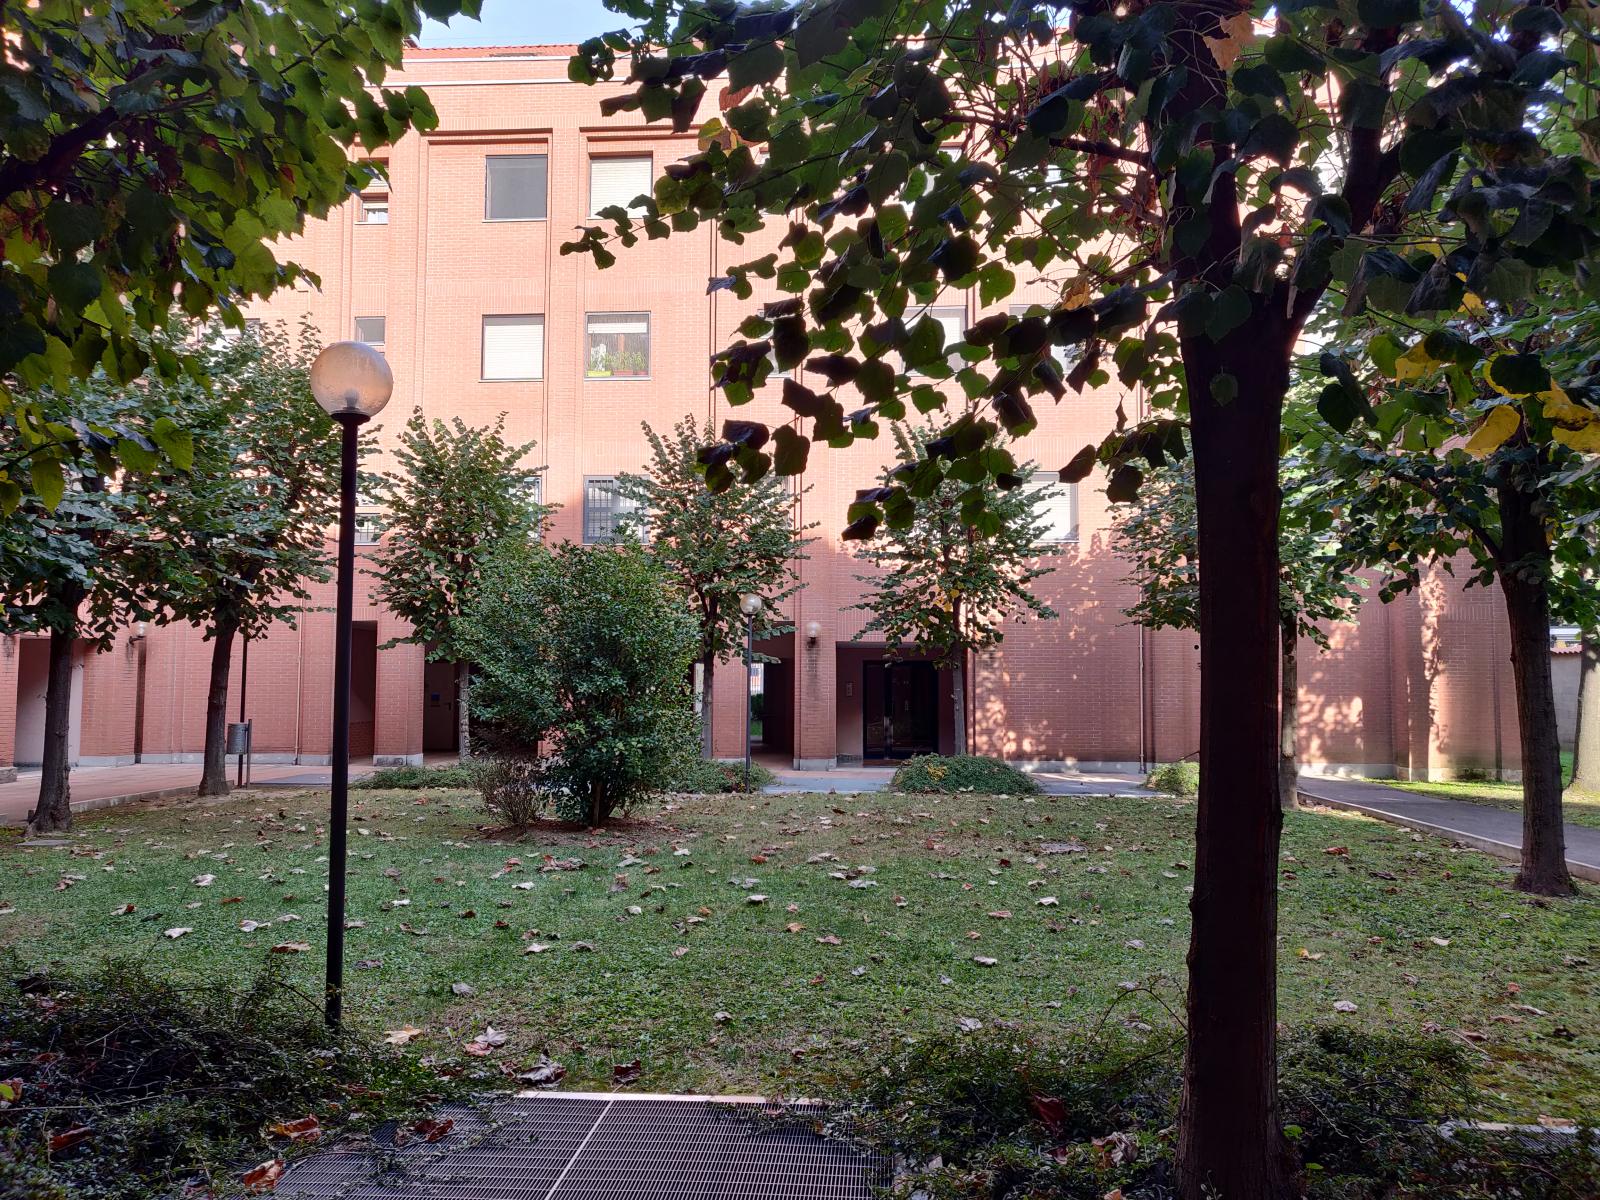 appartamento-3-locali-trilocale-in-vendita-a-milano-san-siro-baggio-forze-armate-spaziourbano-immobiliare-vende-36